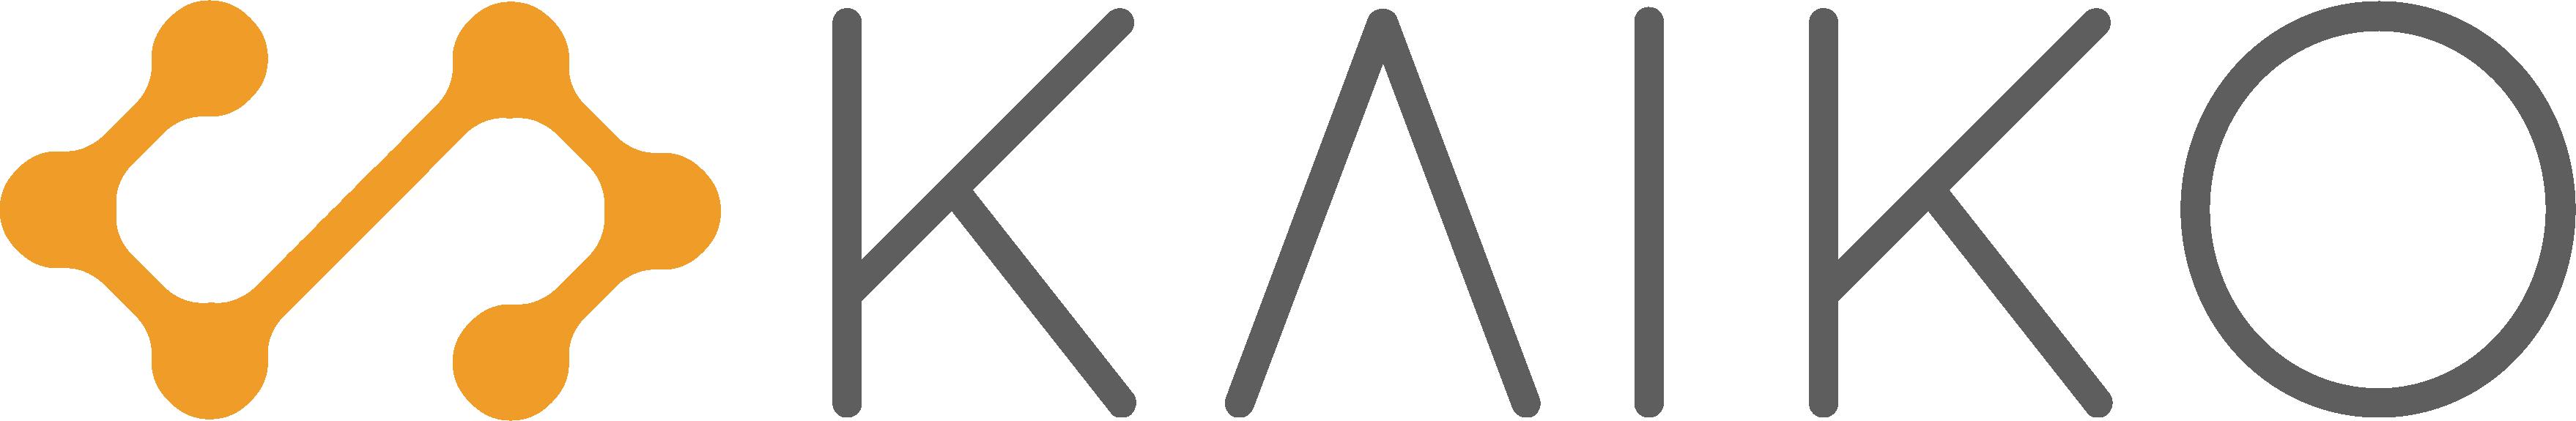 kaiko-logo